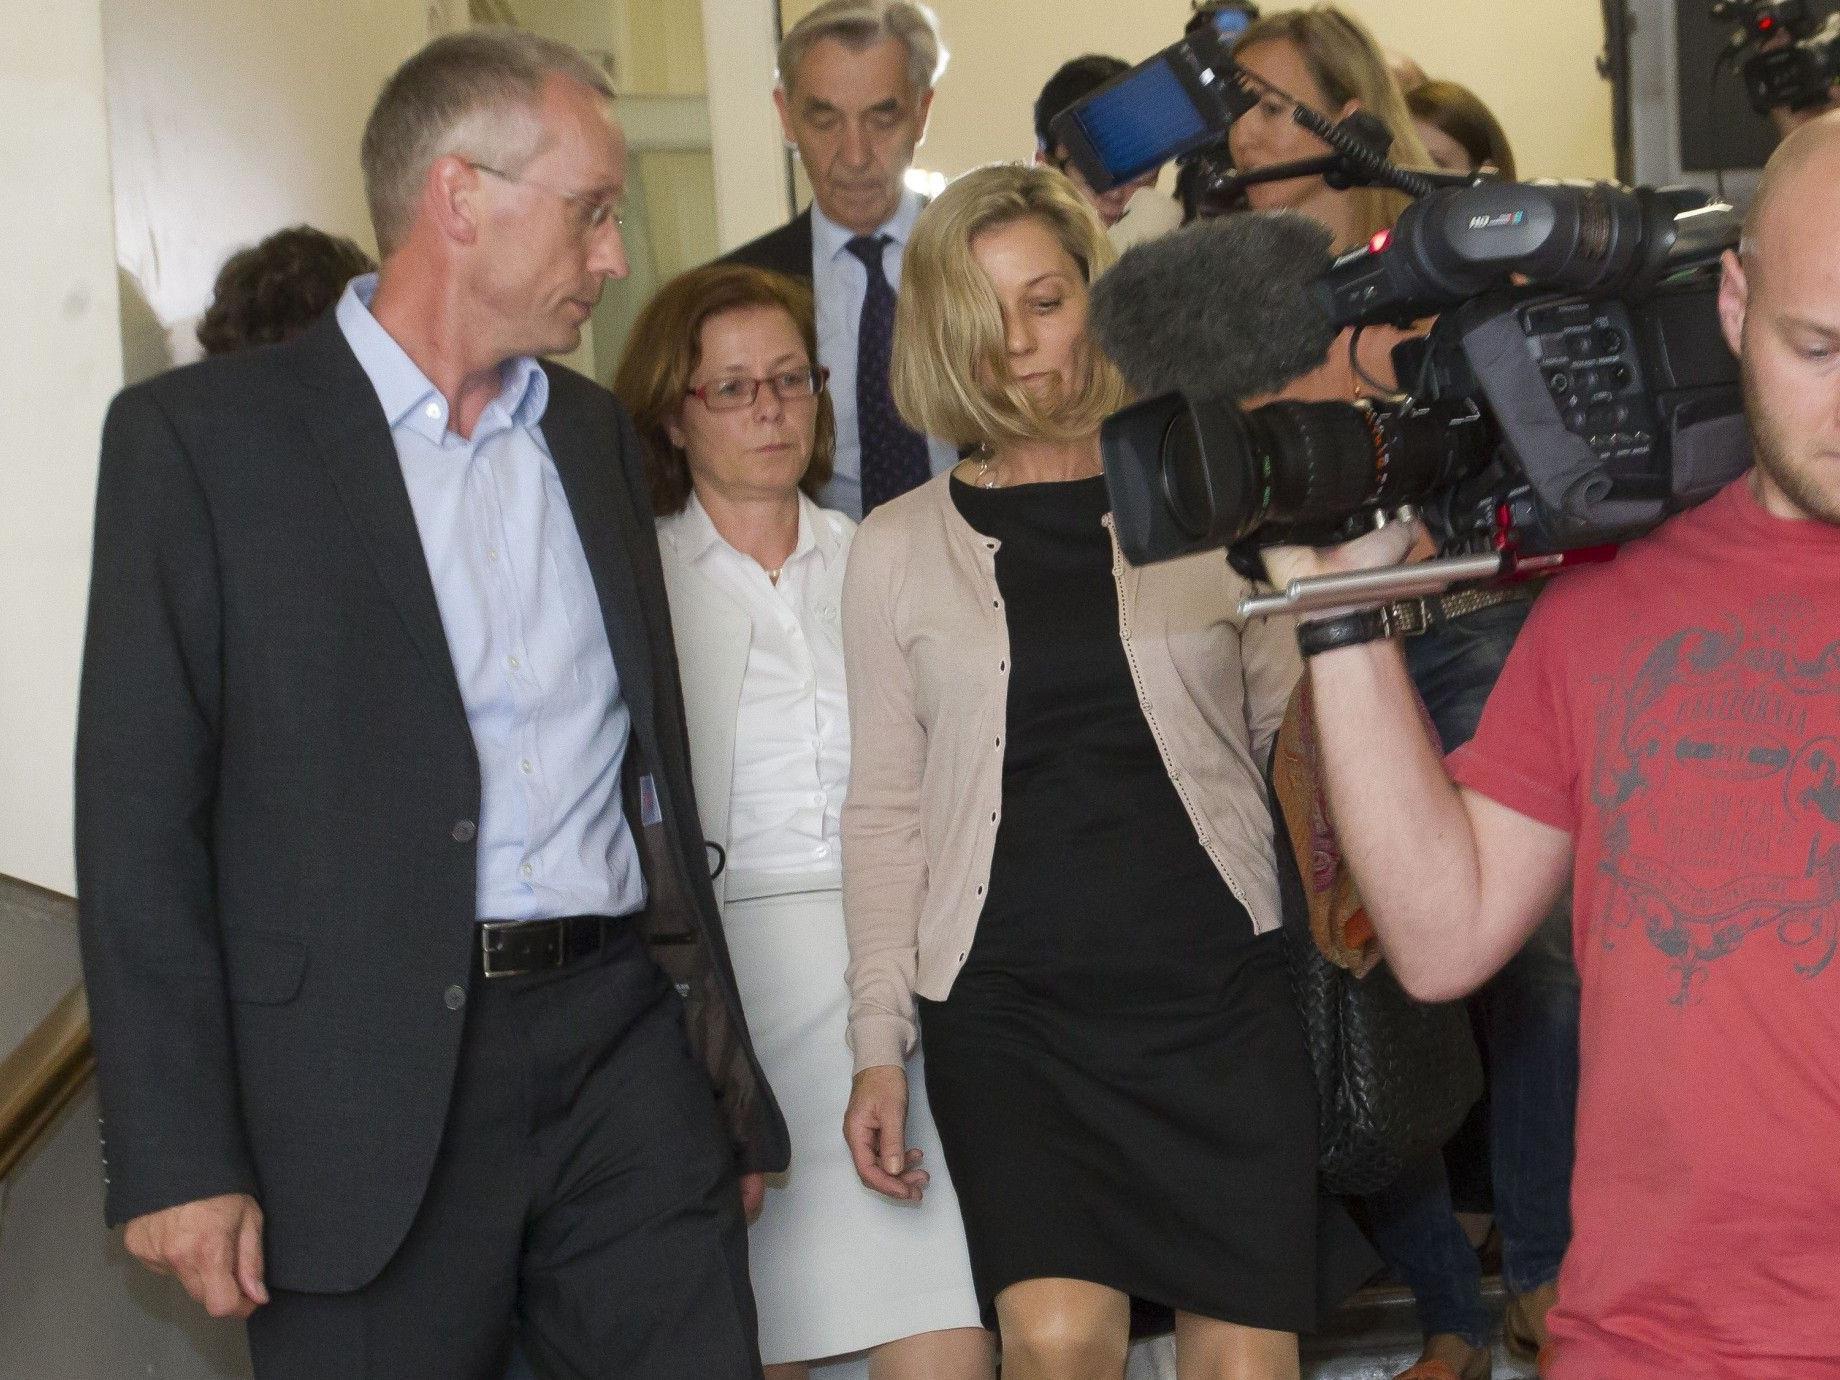 Die Urteile gegen Richterin Ratz und ihre Mitangeklagten waren den Anklägern zu niedrig.